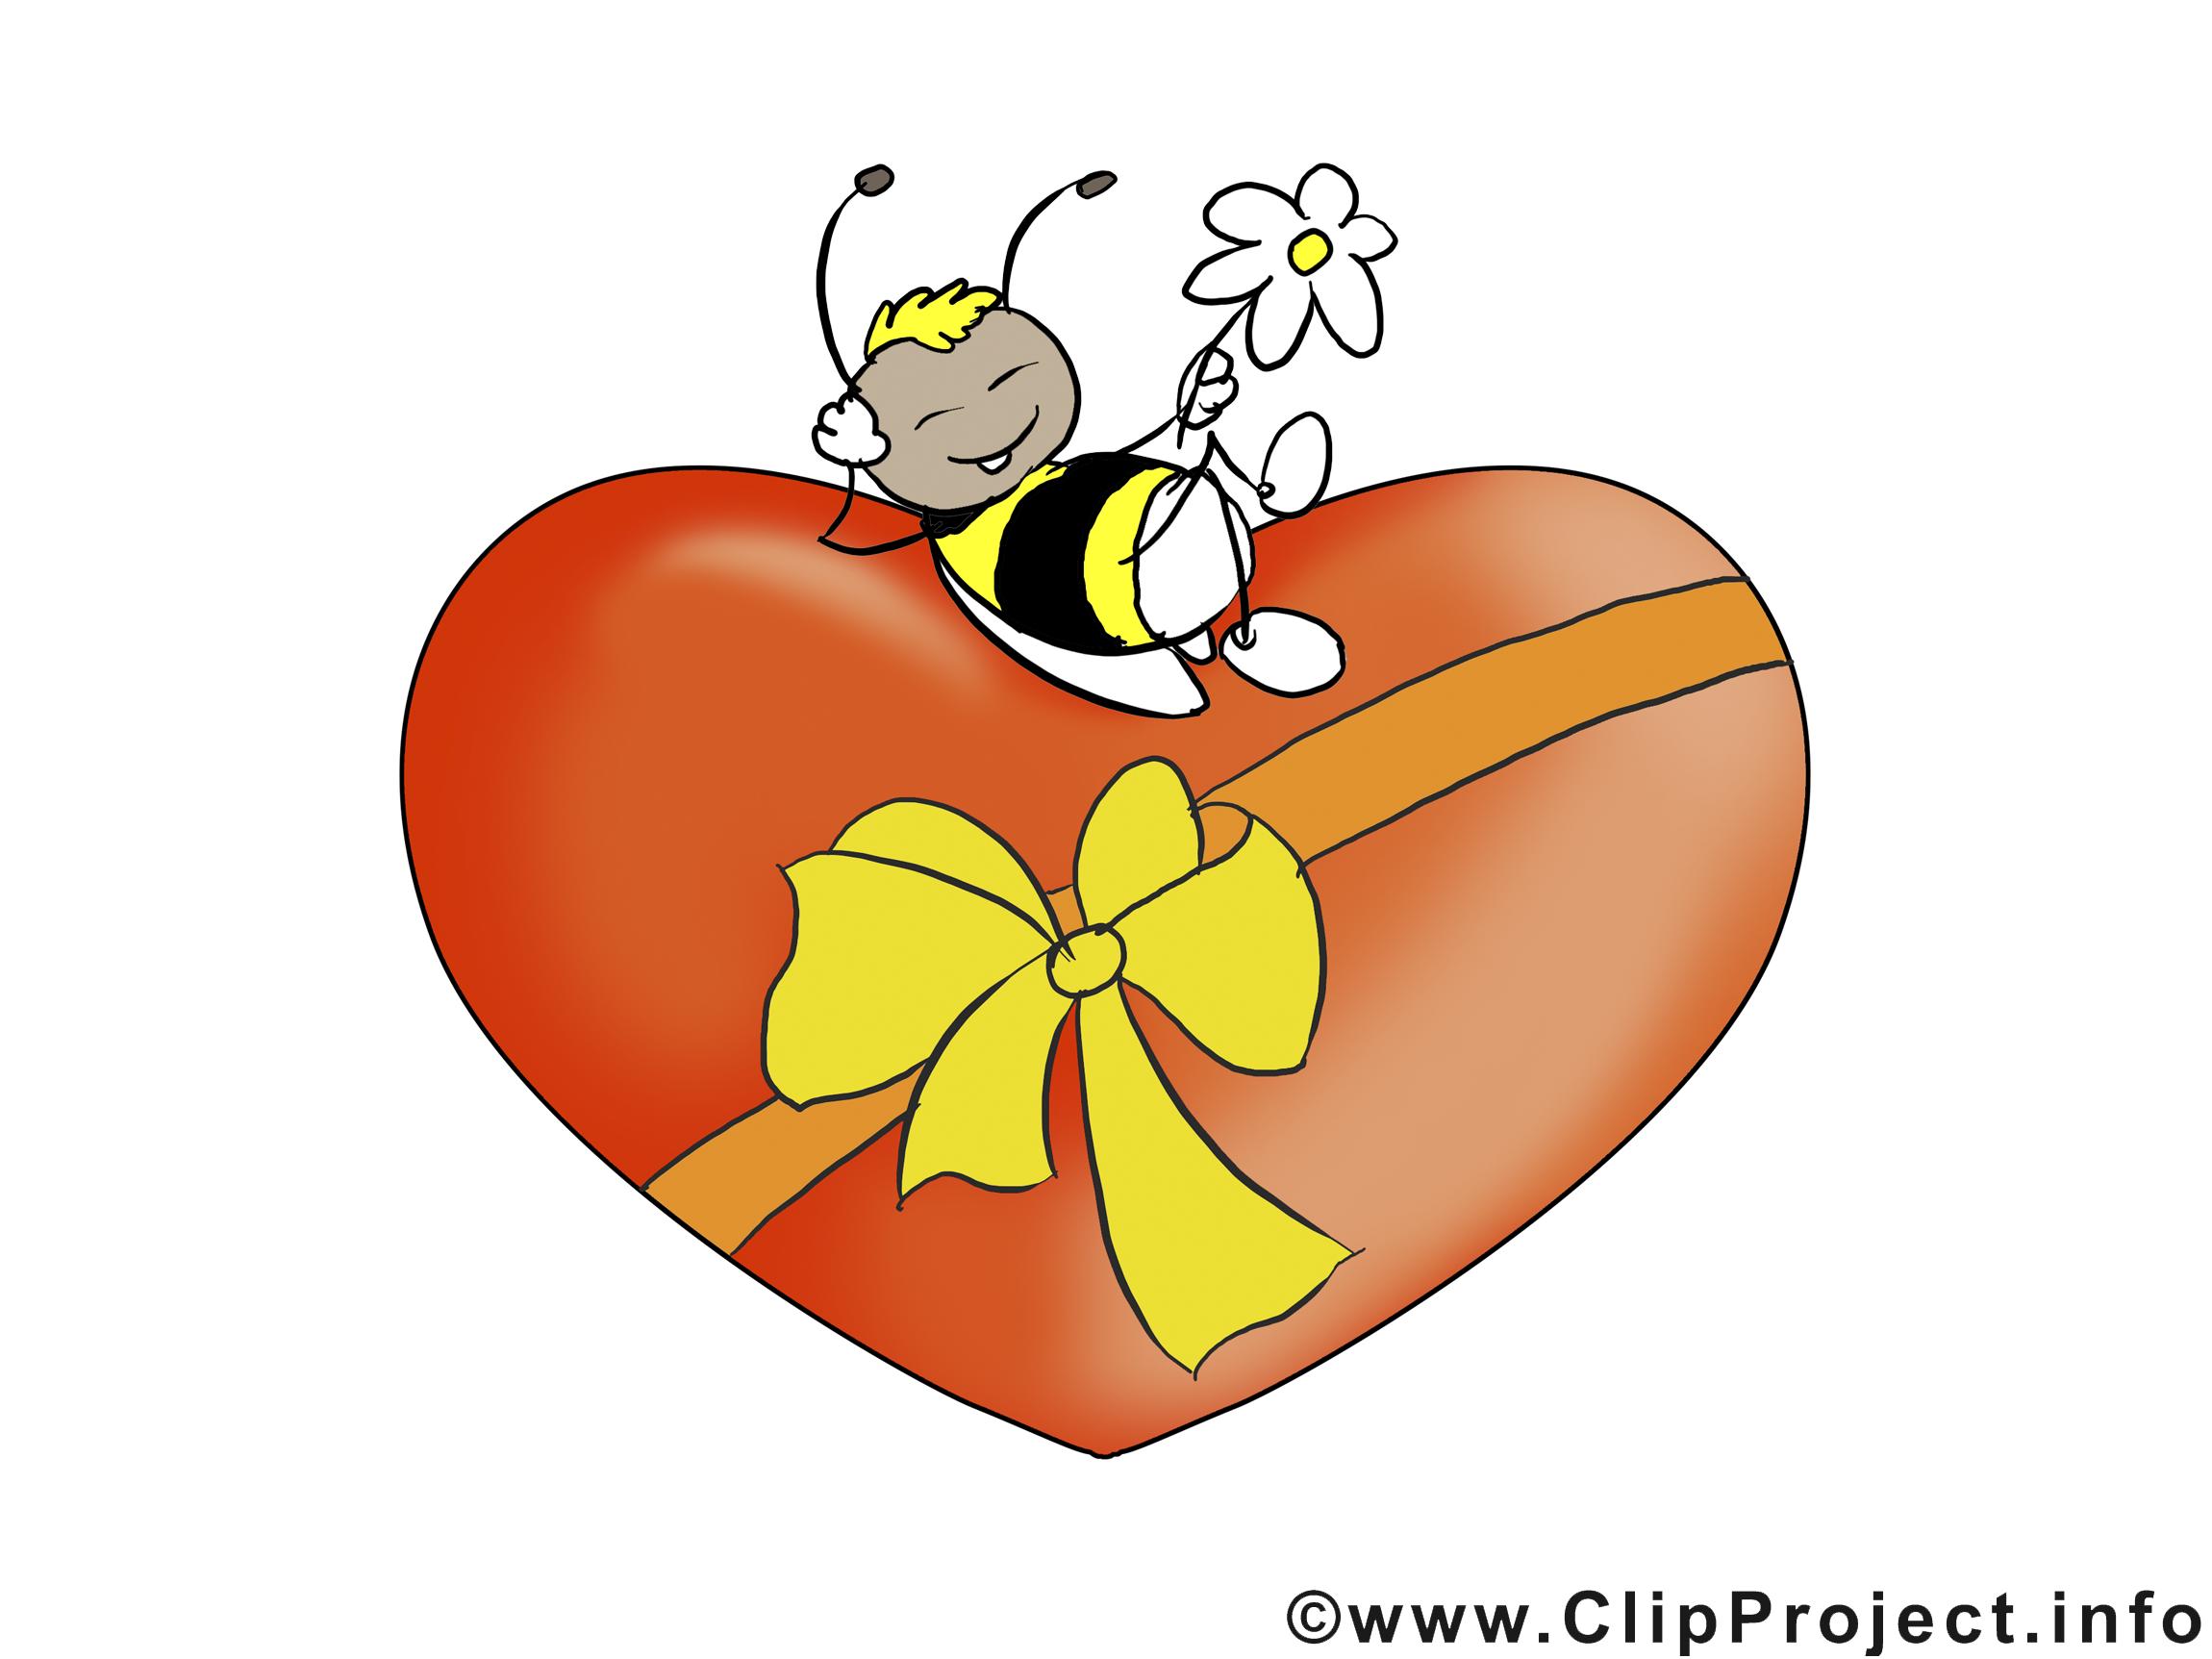 Abeille image à télécharger - Saint-Valentin clipart